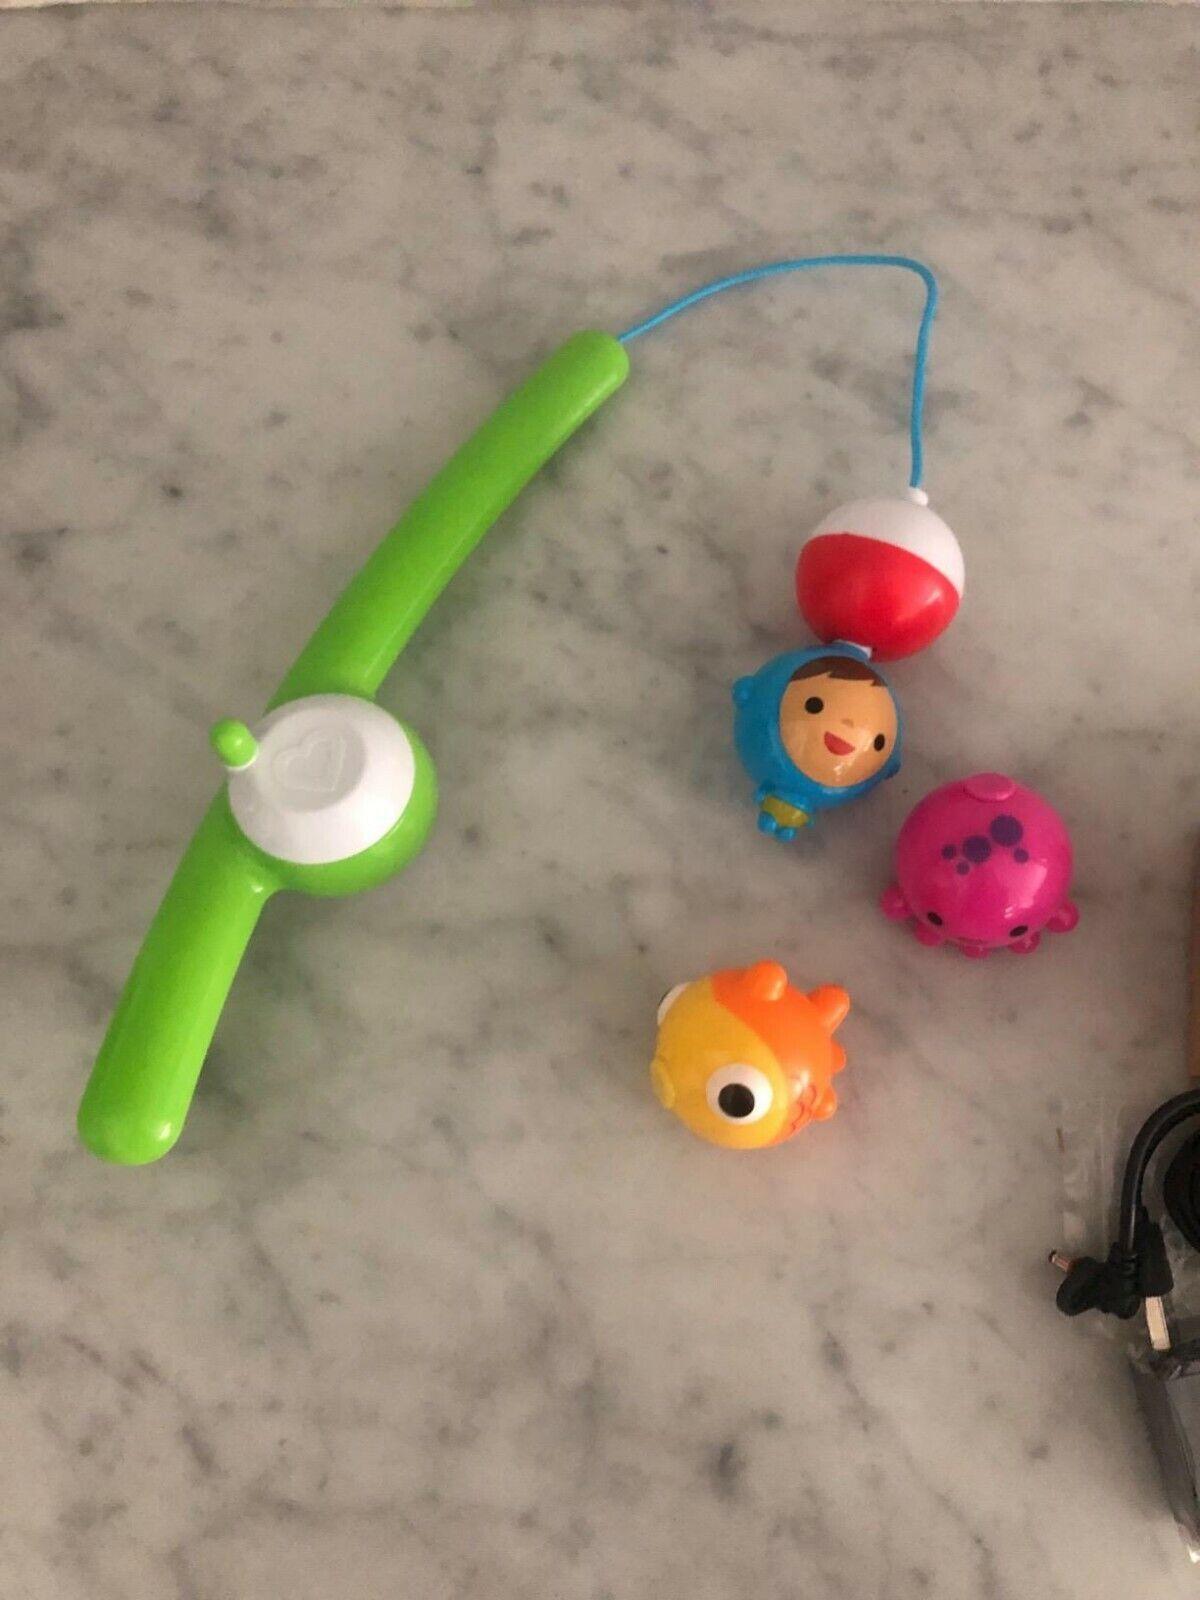 Fishin Bath Toy - $17.99